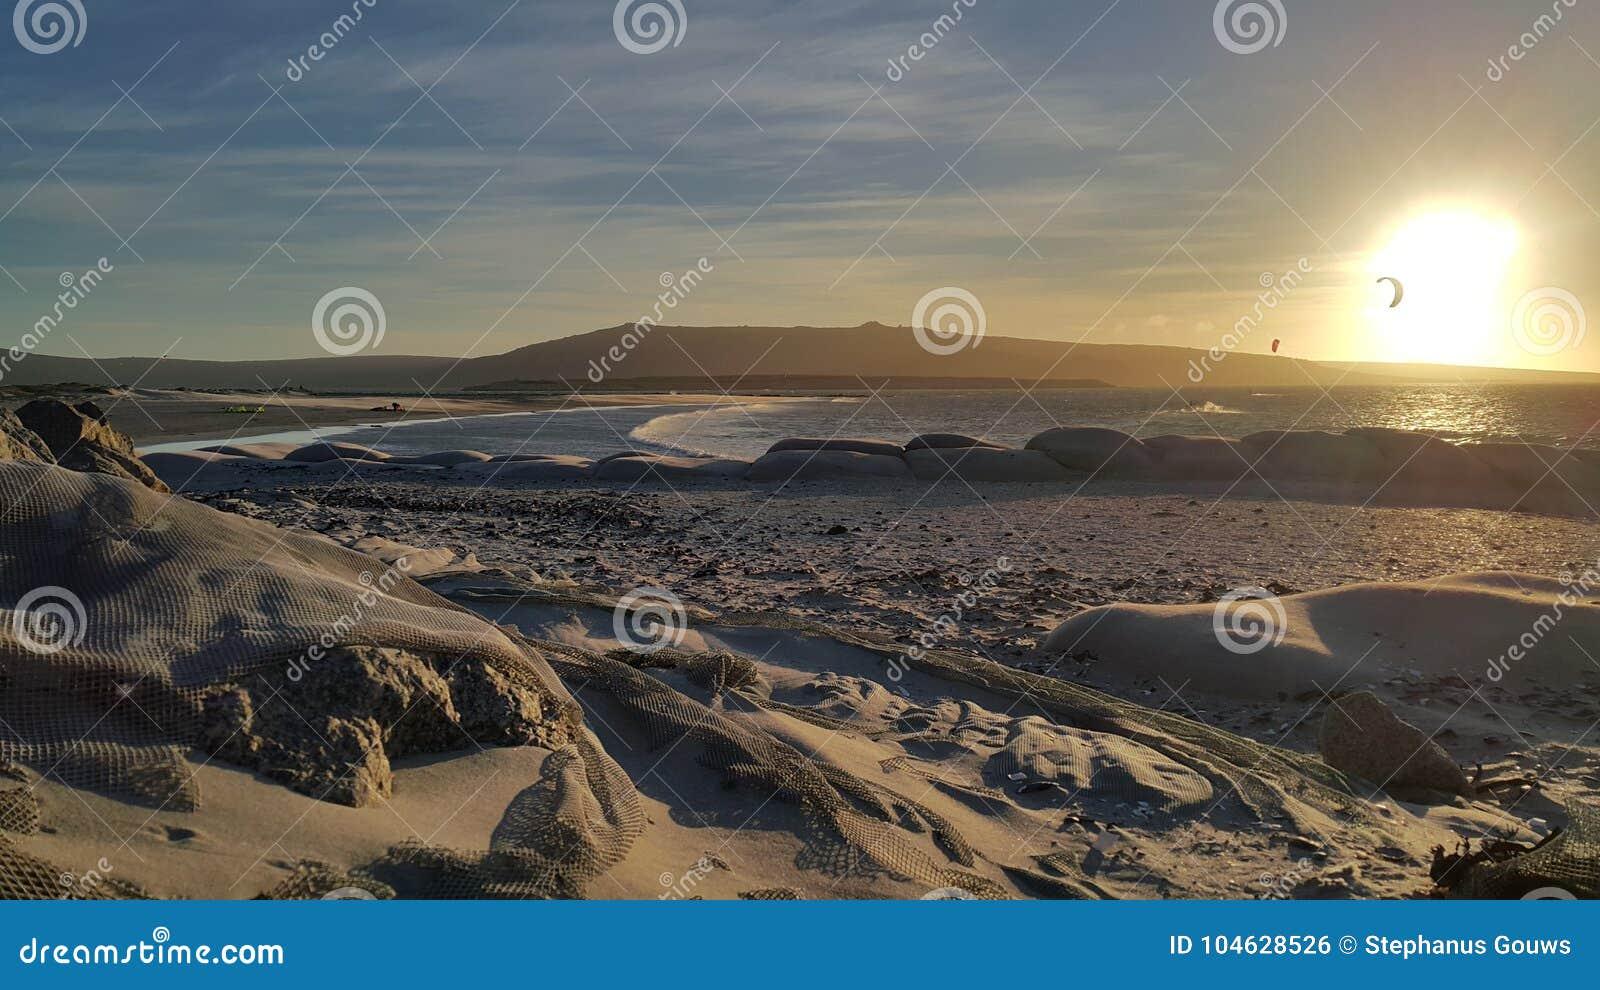 Ηλιοβασίλεμα στη λιμνοθάλασσα Langebaan στο δυτικό ακρωτήριο Νότια Αφρική